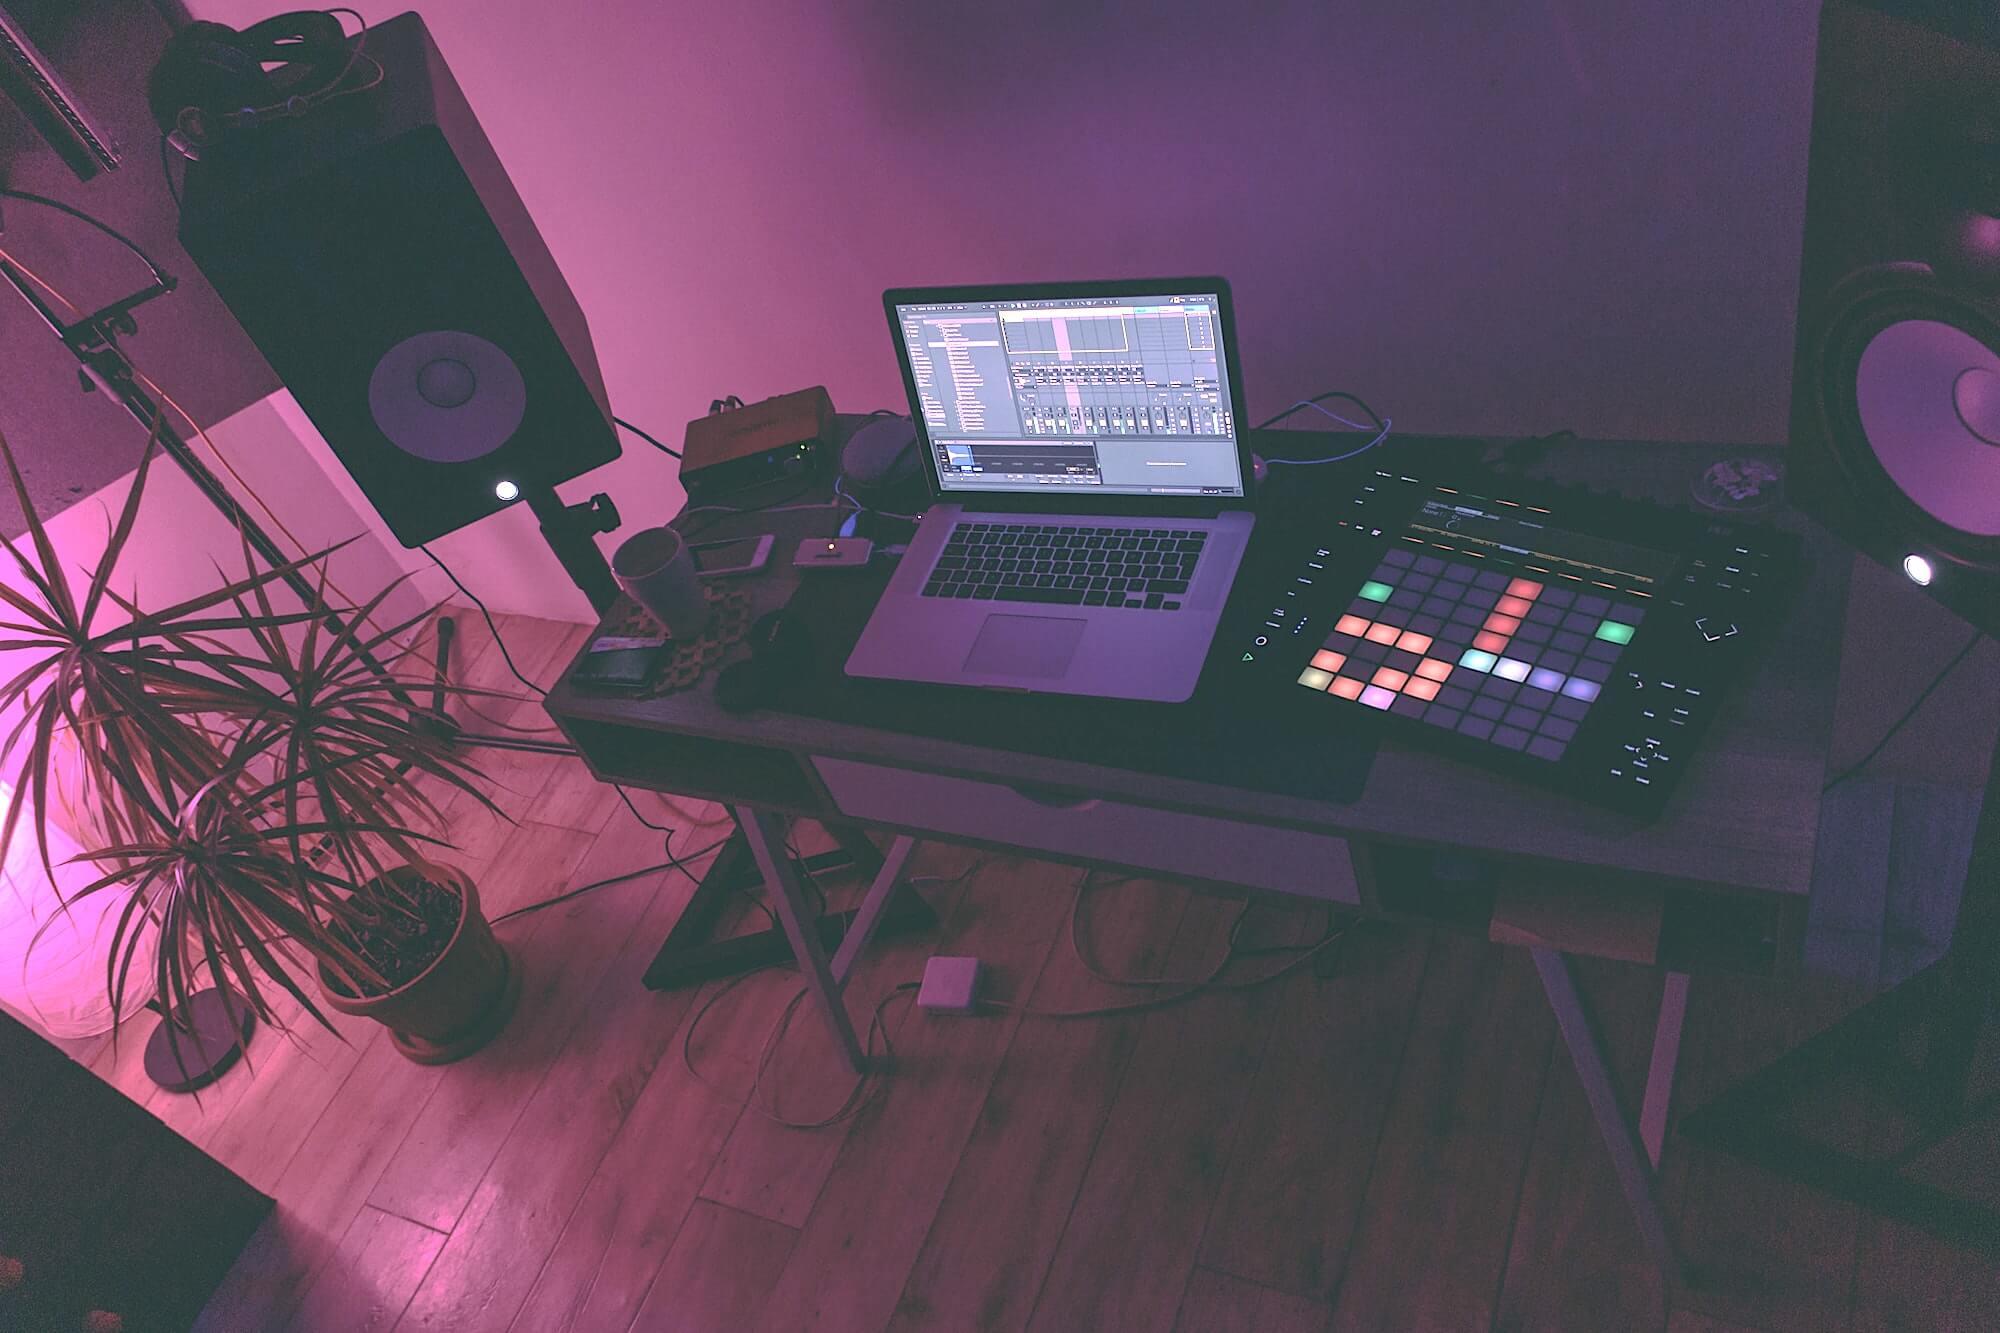 Чтение на выходные: 10 материалов про музыкальные пасхалки, ритм-игры и бесплатные аудиосэмплы - 2